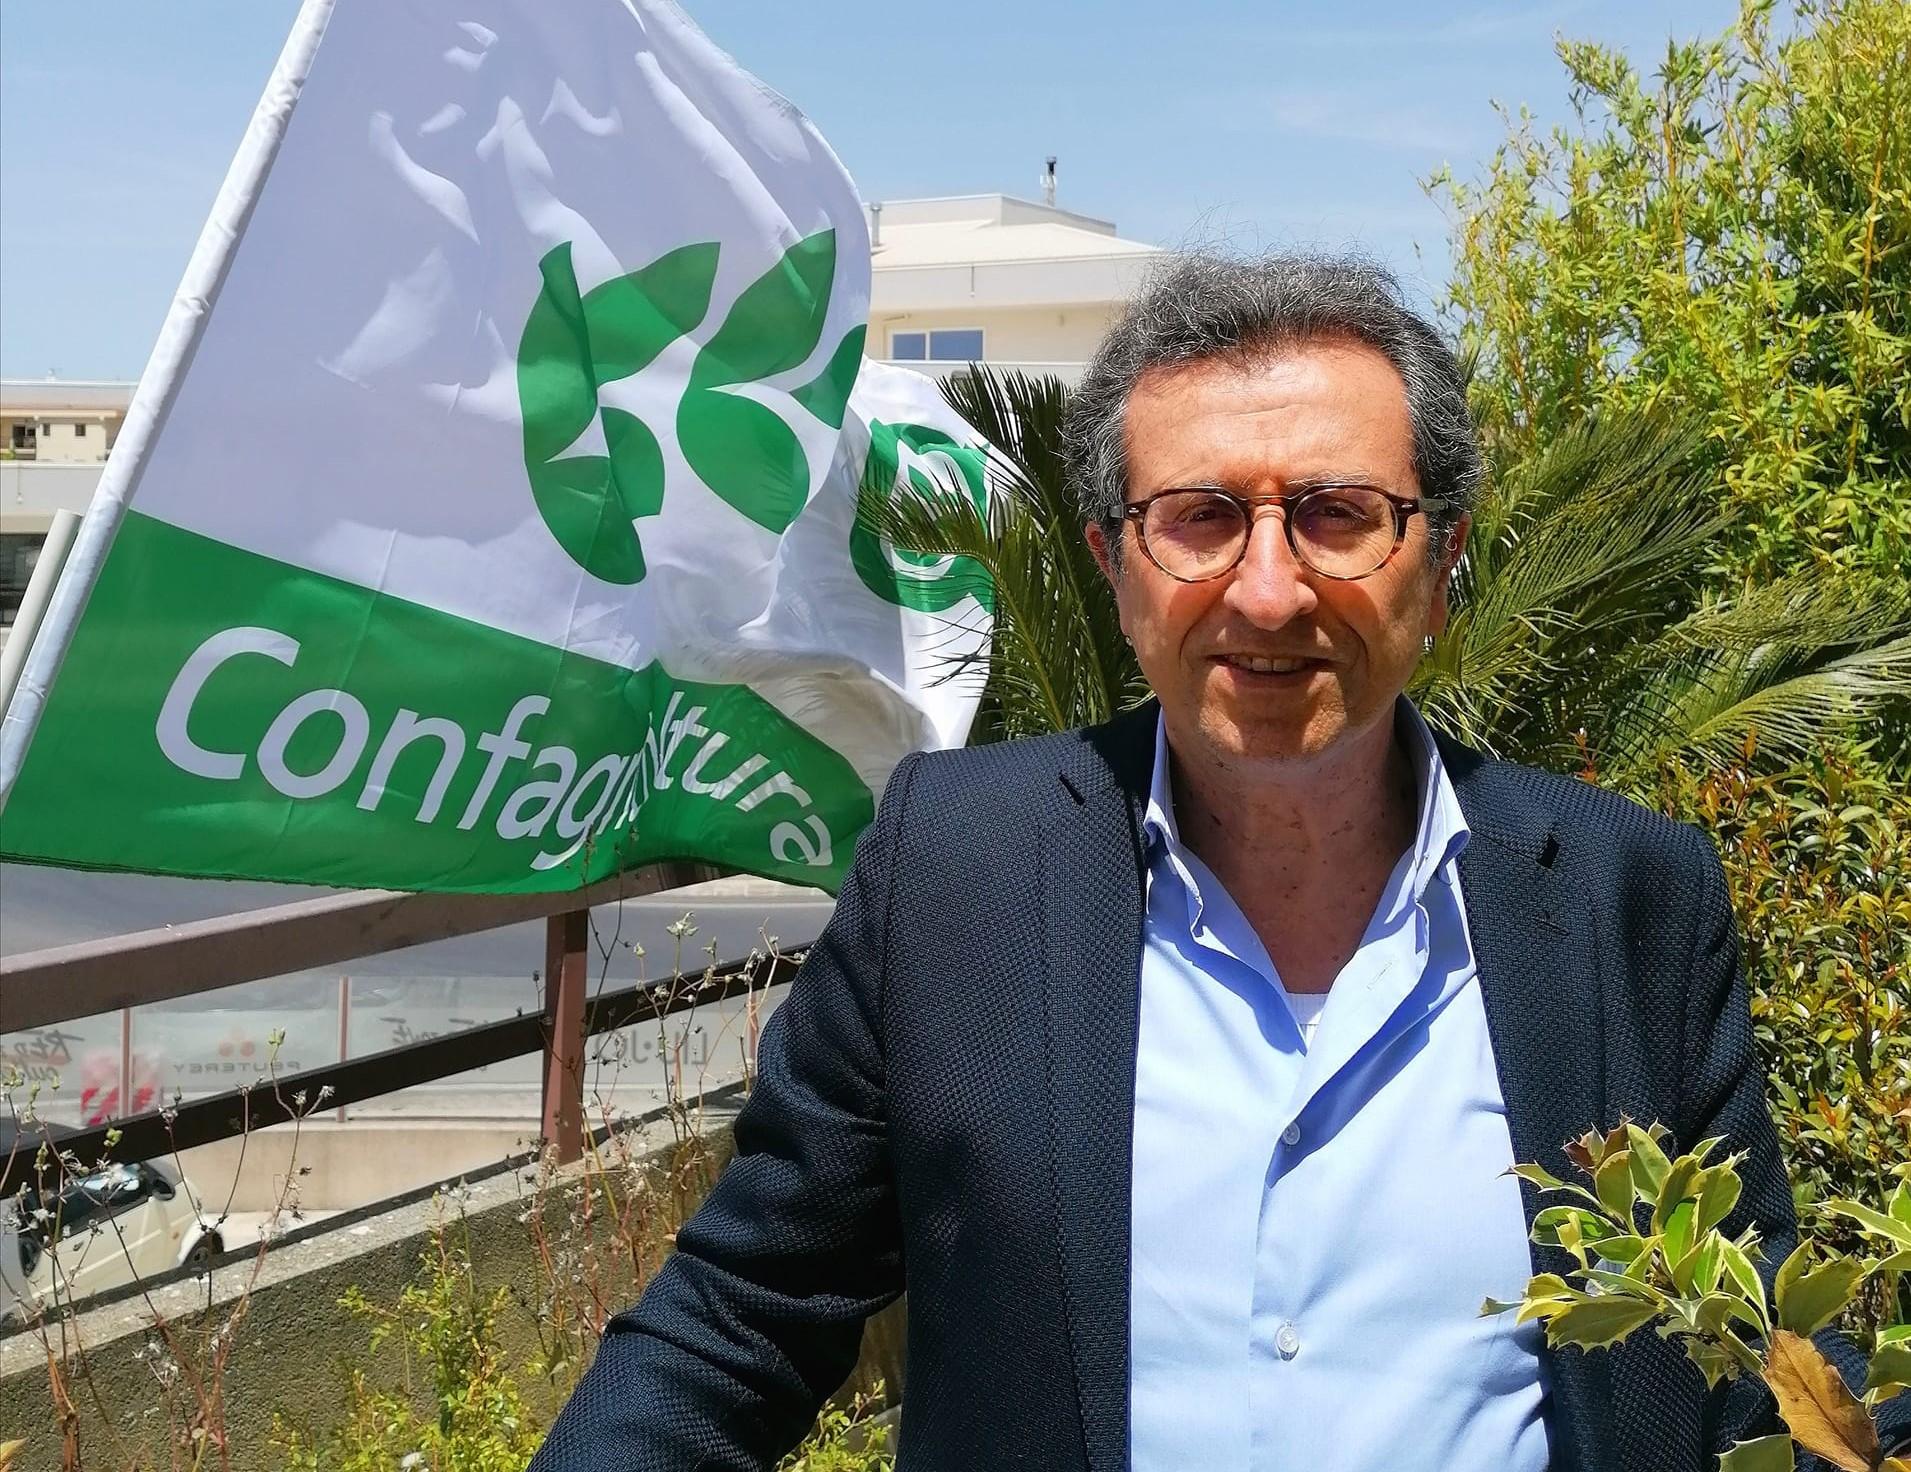 """Consorzio di Bonifica Ragusa, Pirrè: """"Situazione grave. Scongiurare blocco servizi"""""""